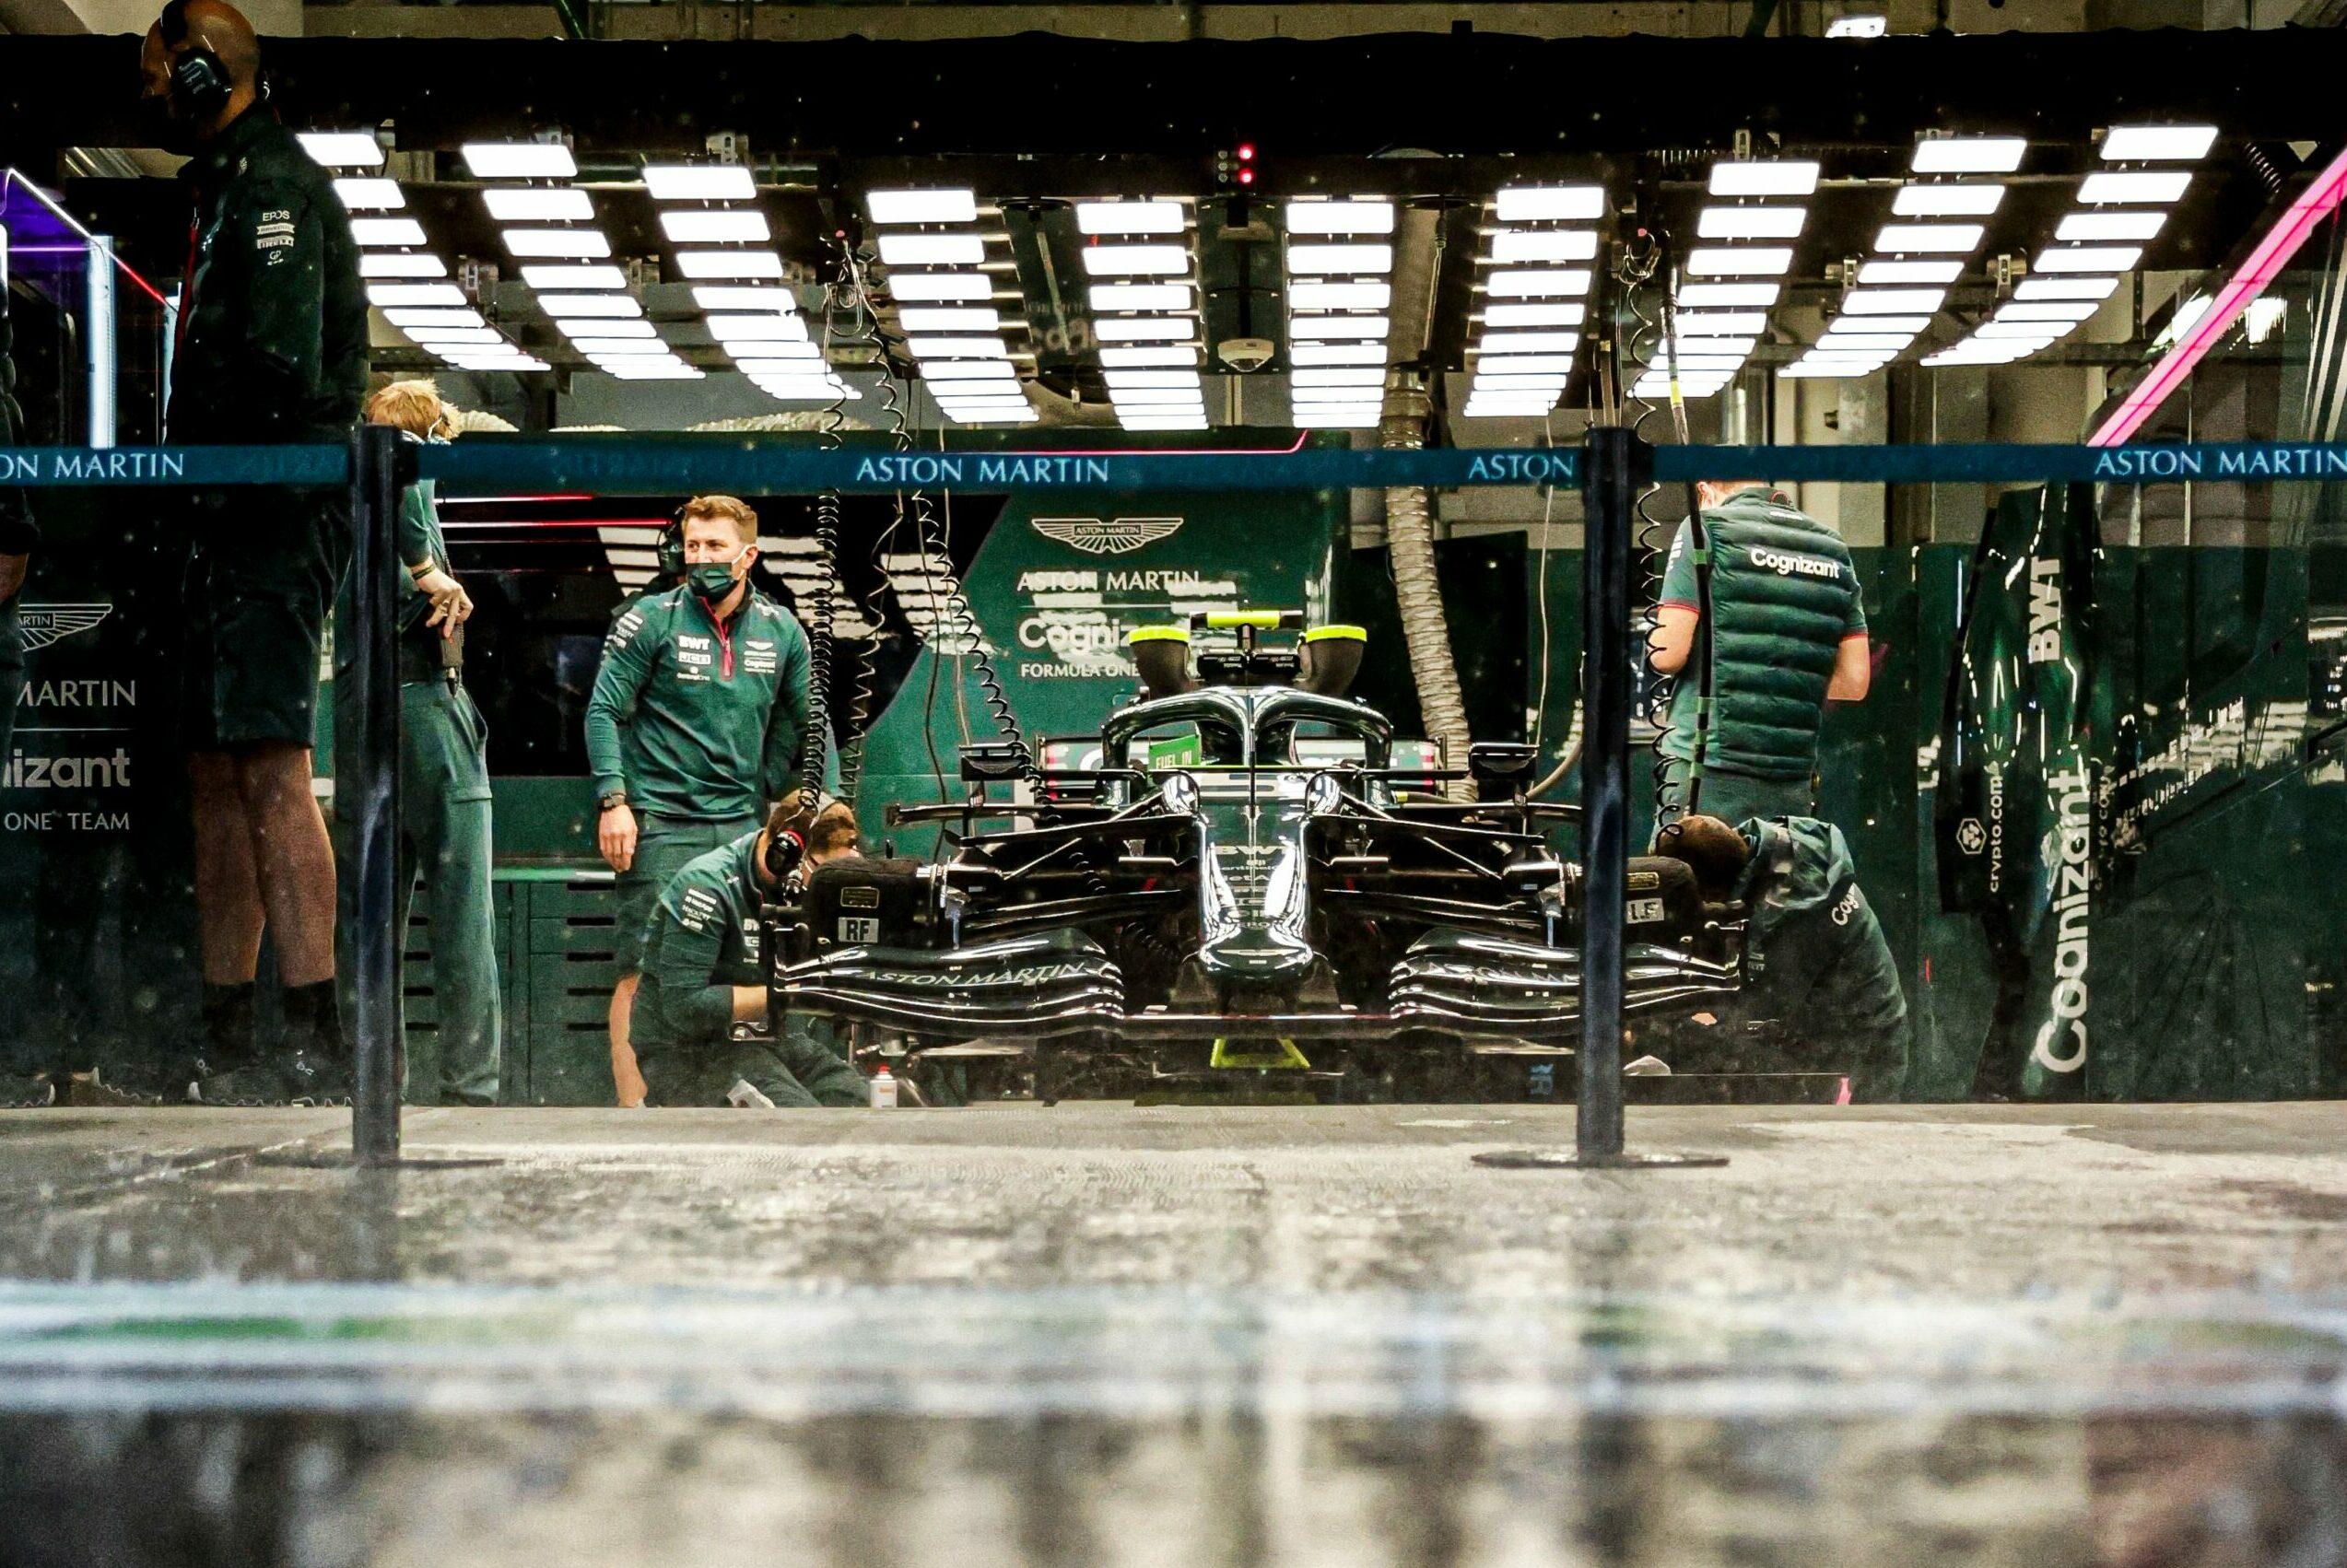 """F1 - <i class=""""fas fa-exclamation-triangle""""></i> Officiel : les essais libres 3 du GP de Russie annulés"""